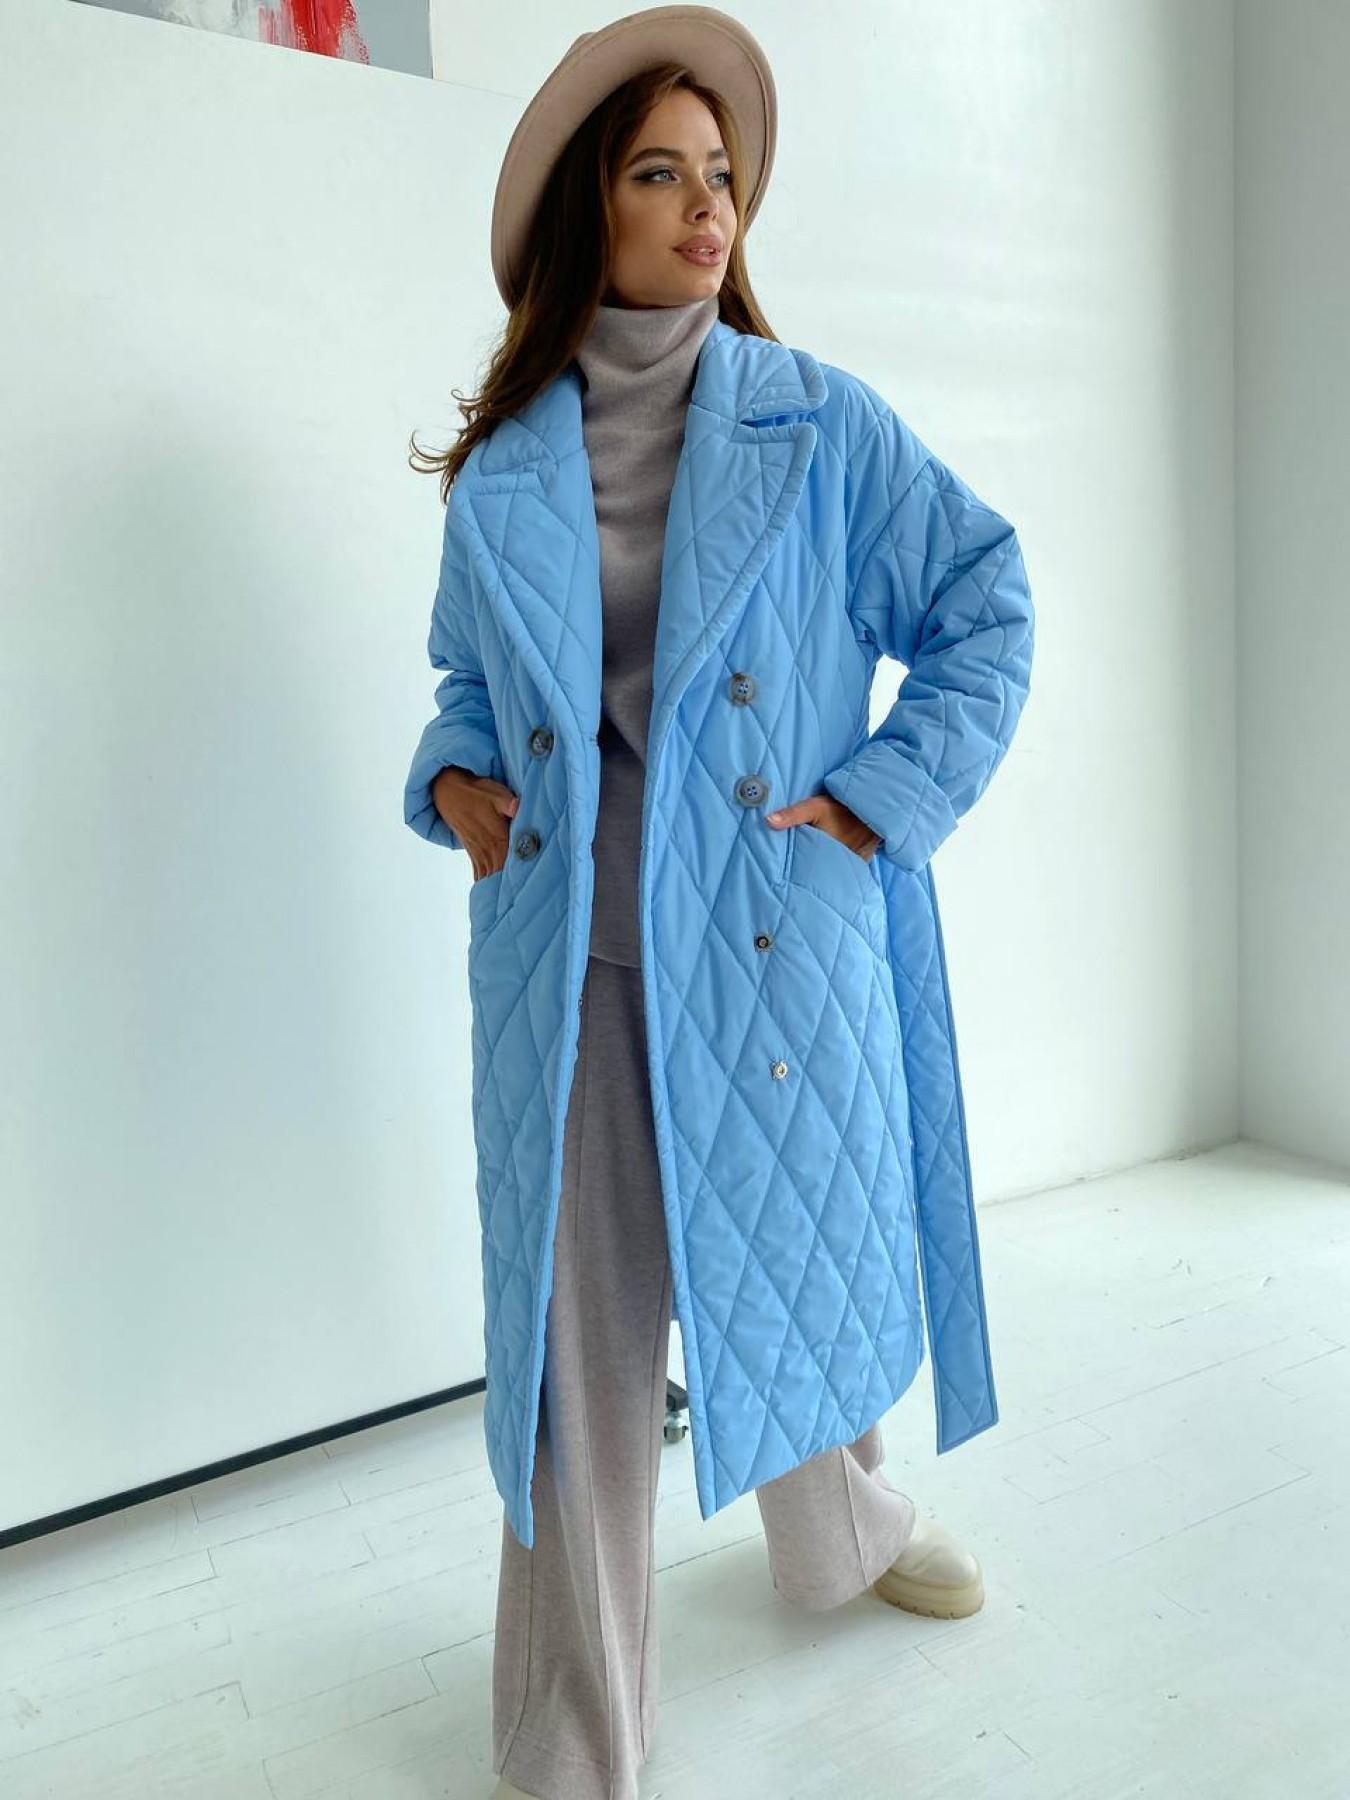 Хаски пальто из стеганой плащевки в ромб 11697 АРТ. 48491 Цвет: Голубой - фото 1, интернет магазин tm-modus.ru